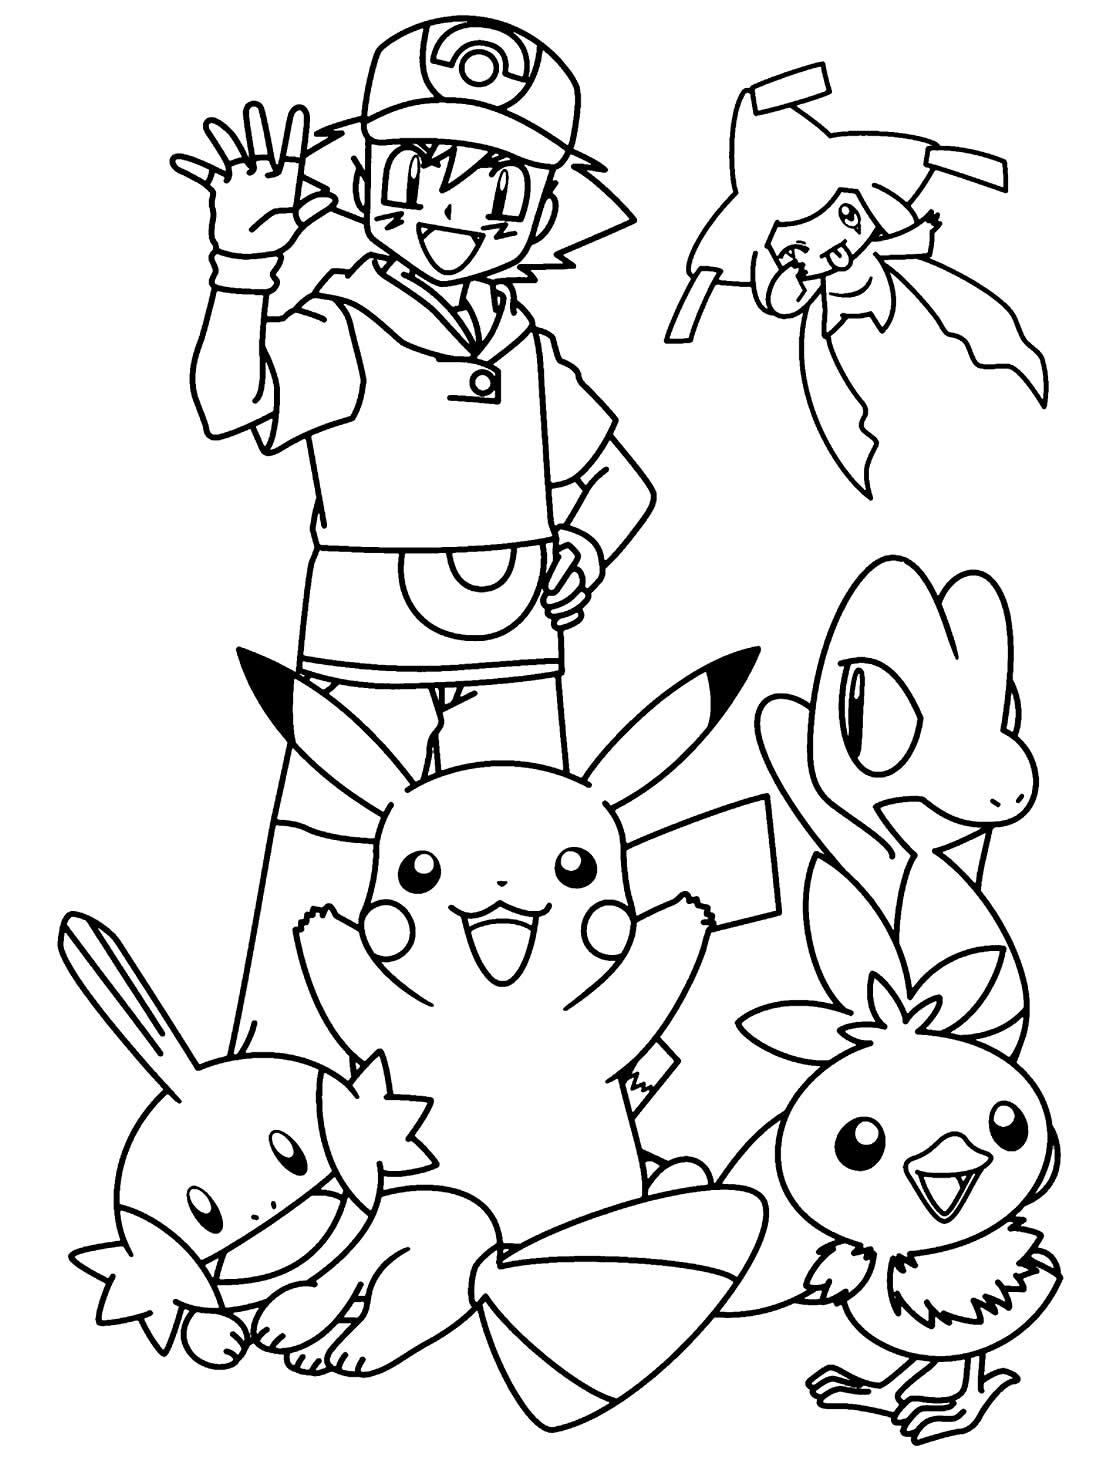 Desenho para pintar de Ash e Pikachu